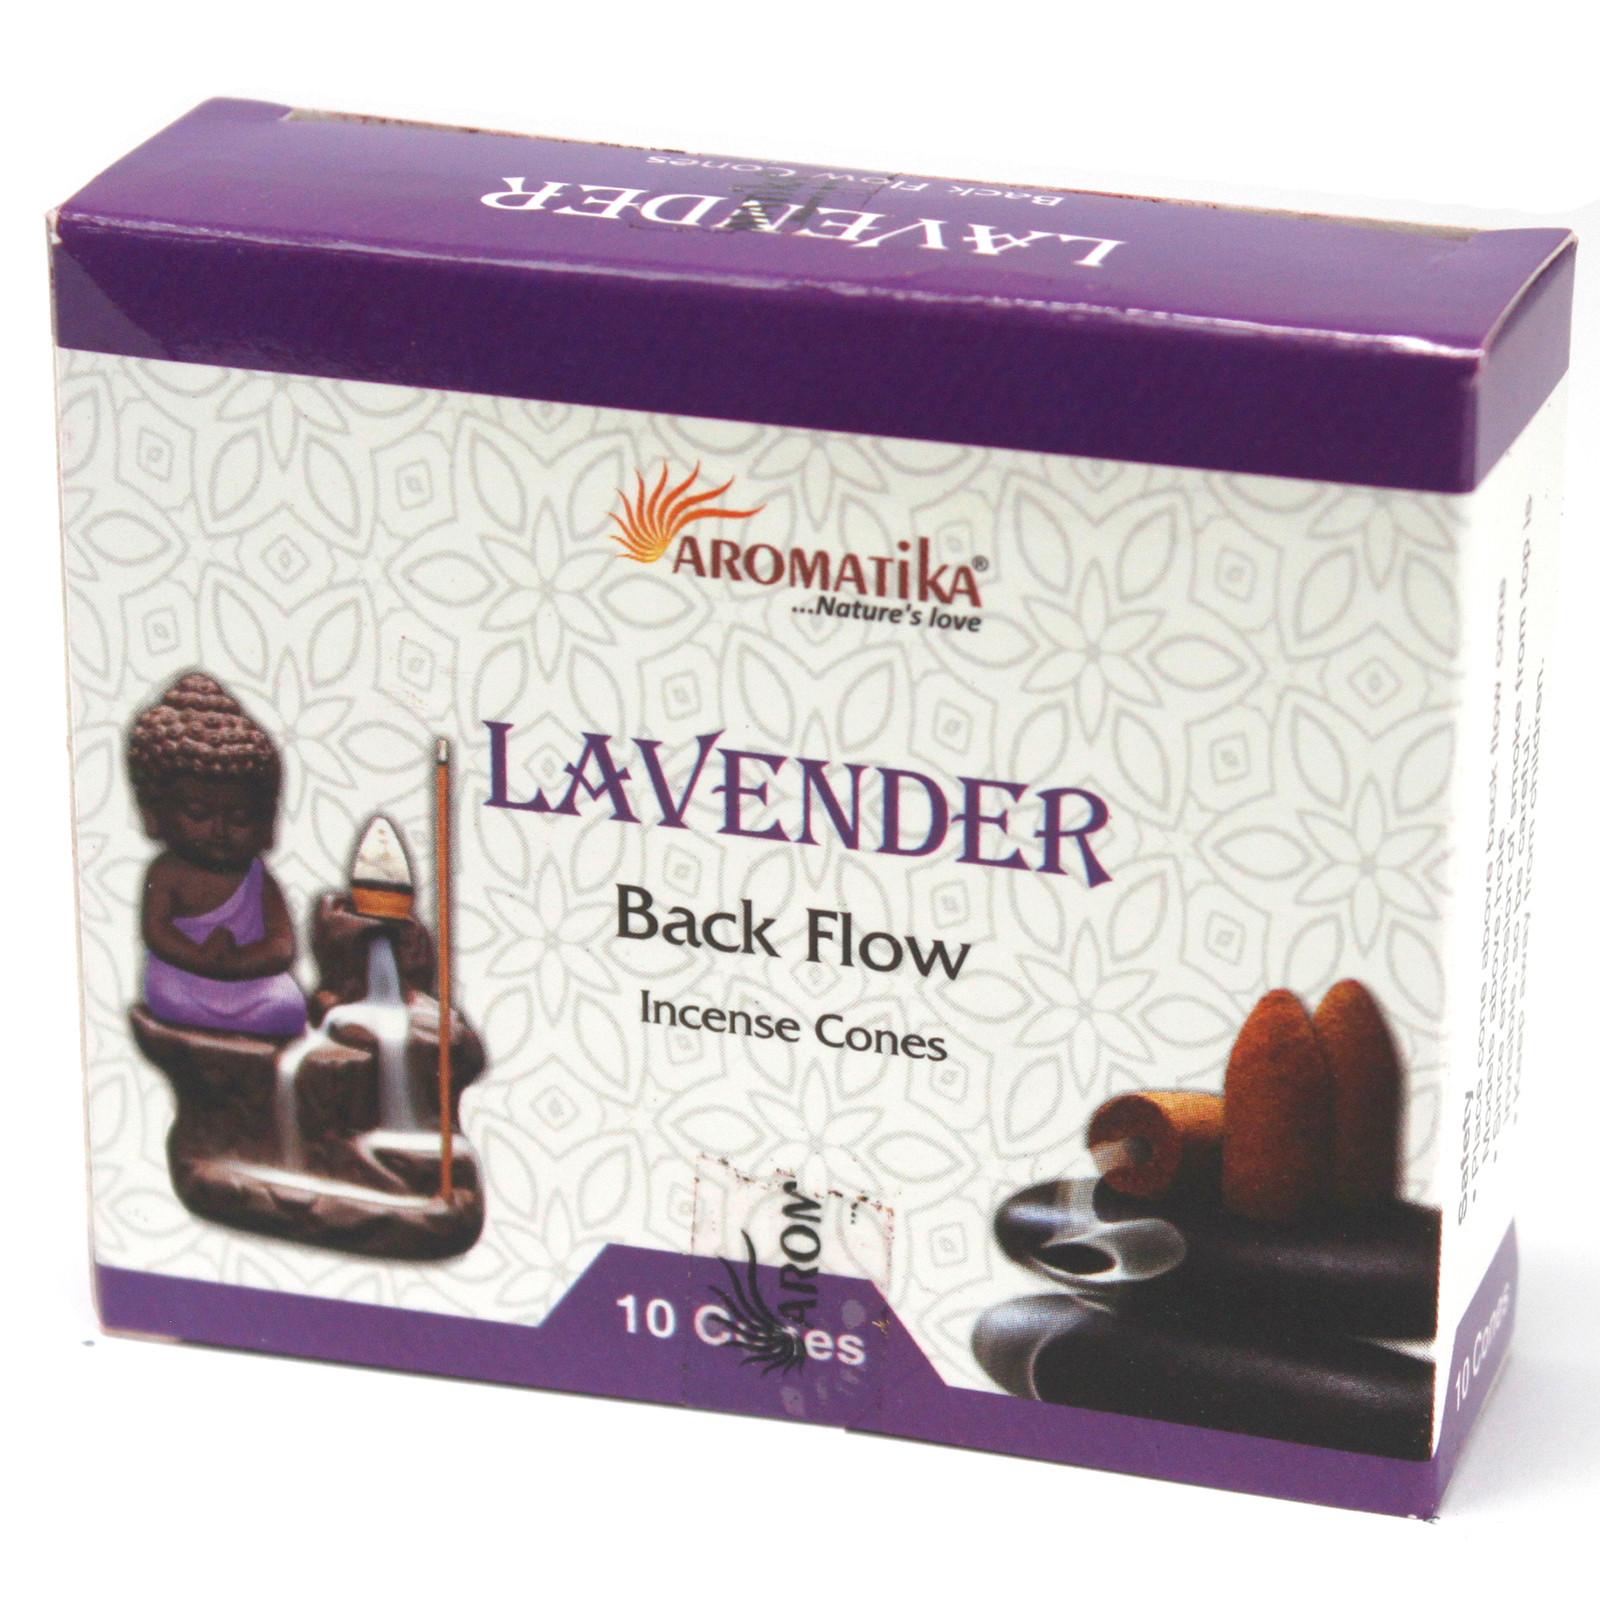 Aromatica Backflow Incense Cones Lavender